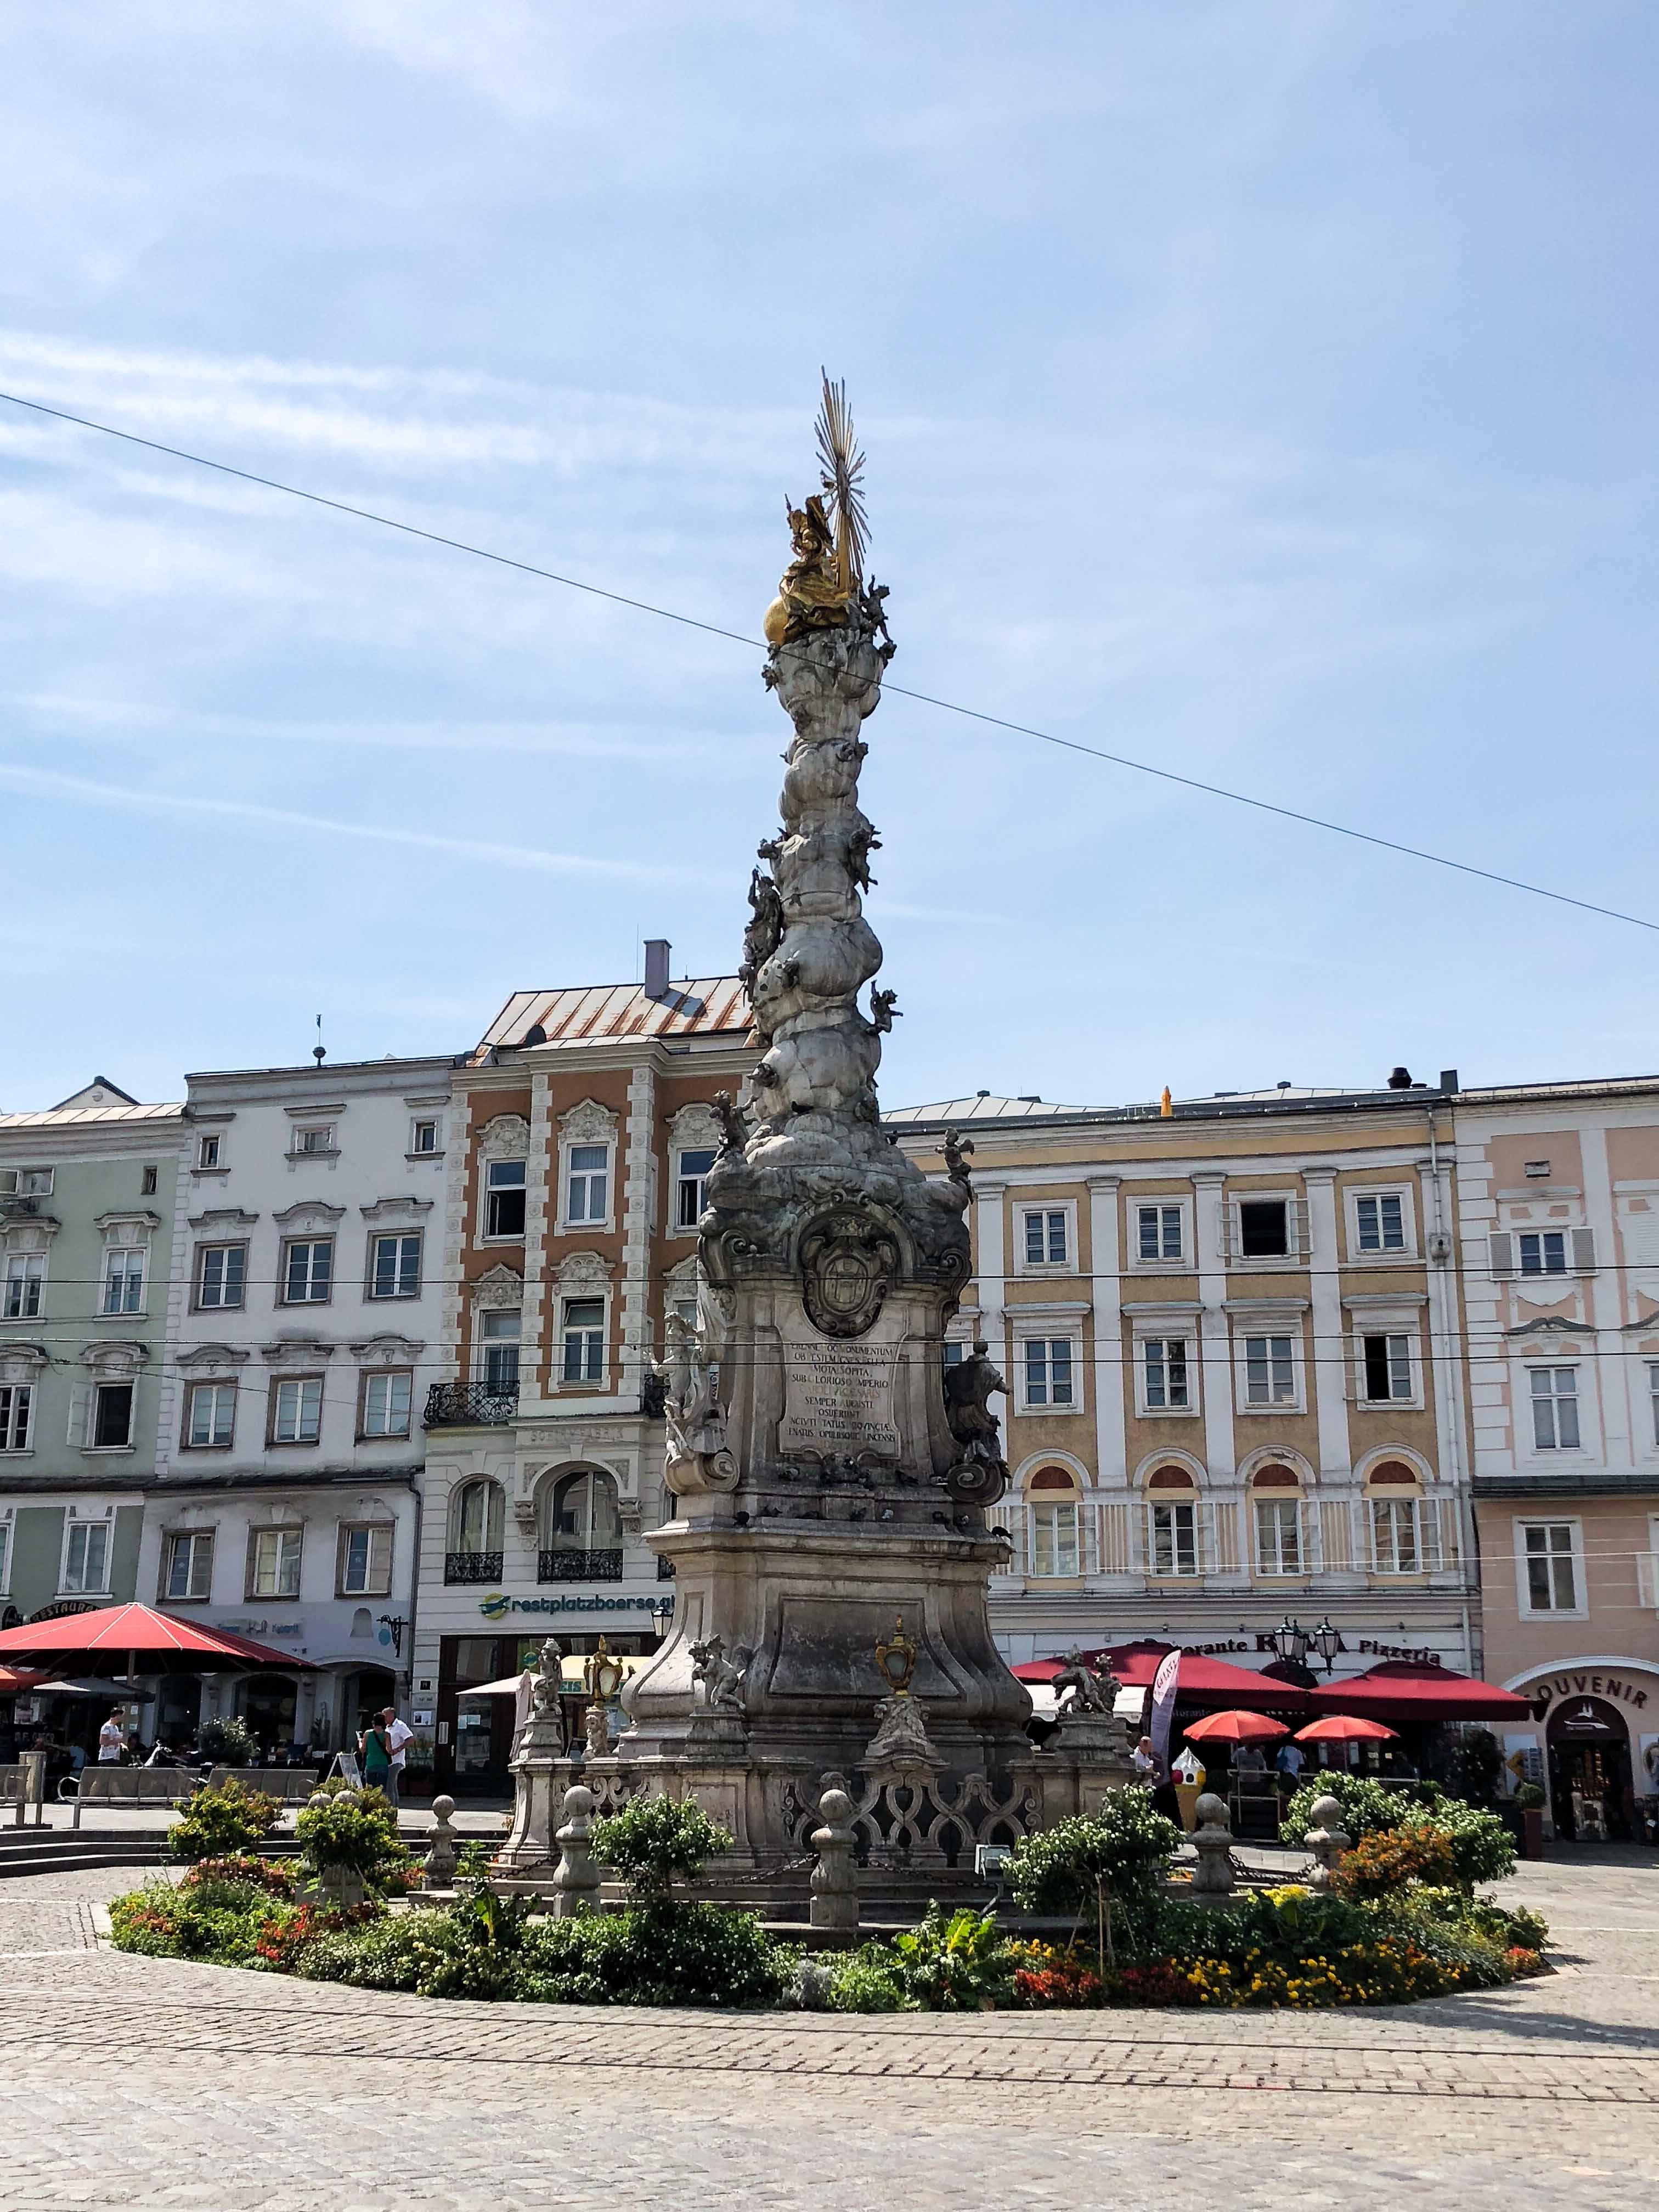 Linz Österreich Insider Tipps Sehenswürdigkeiten Donaukreuzfahrt Arosa Reiseblog Marktplatz